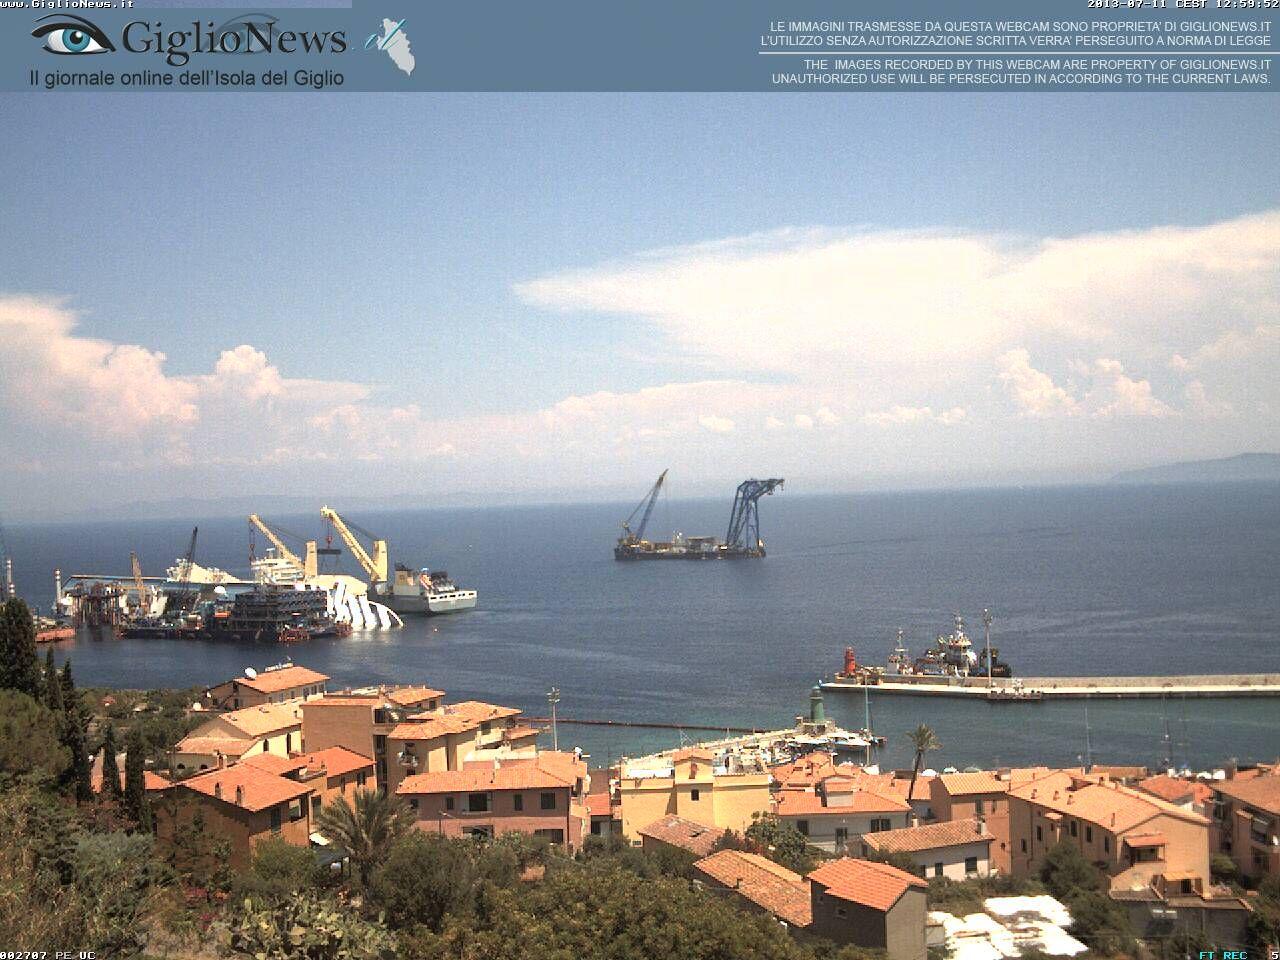 Giglio: the Costa Concordia Thu July 11 2013 11:00:06